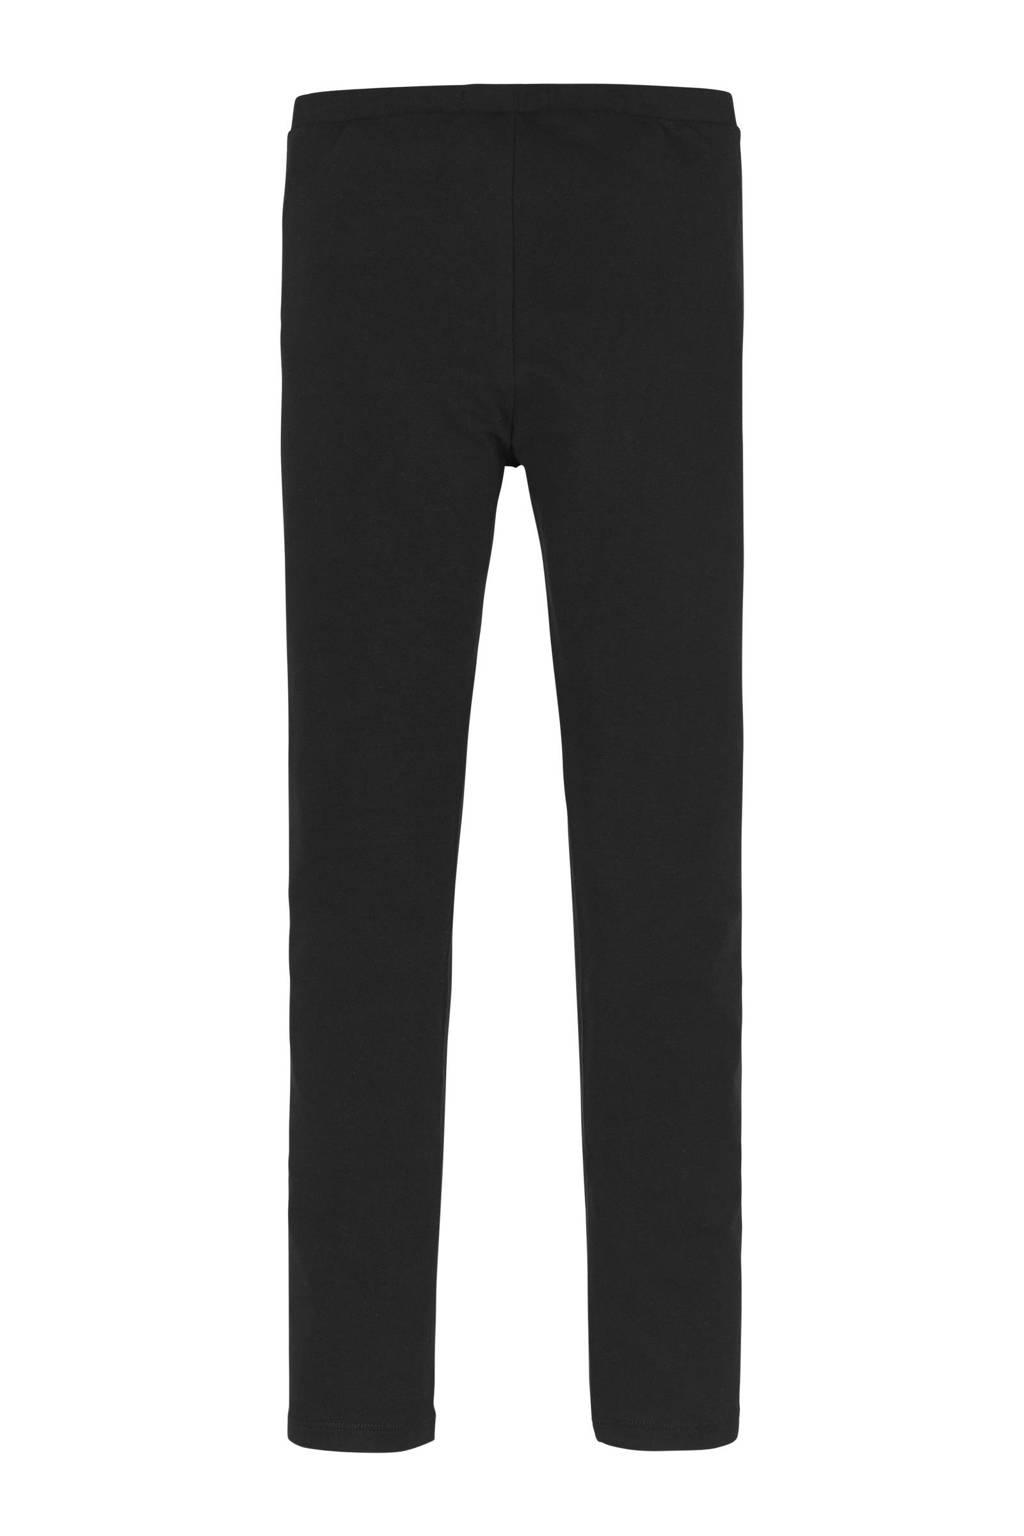 CALVIN KLEIN JEANS legging met biologisch katoen zwart, Zwart